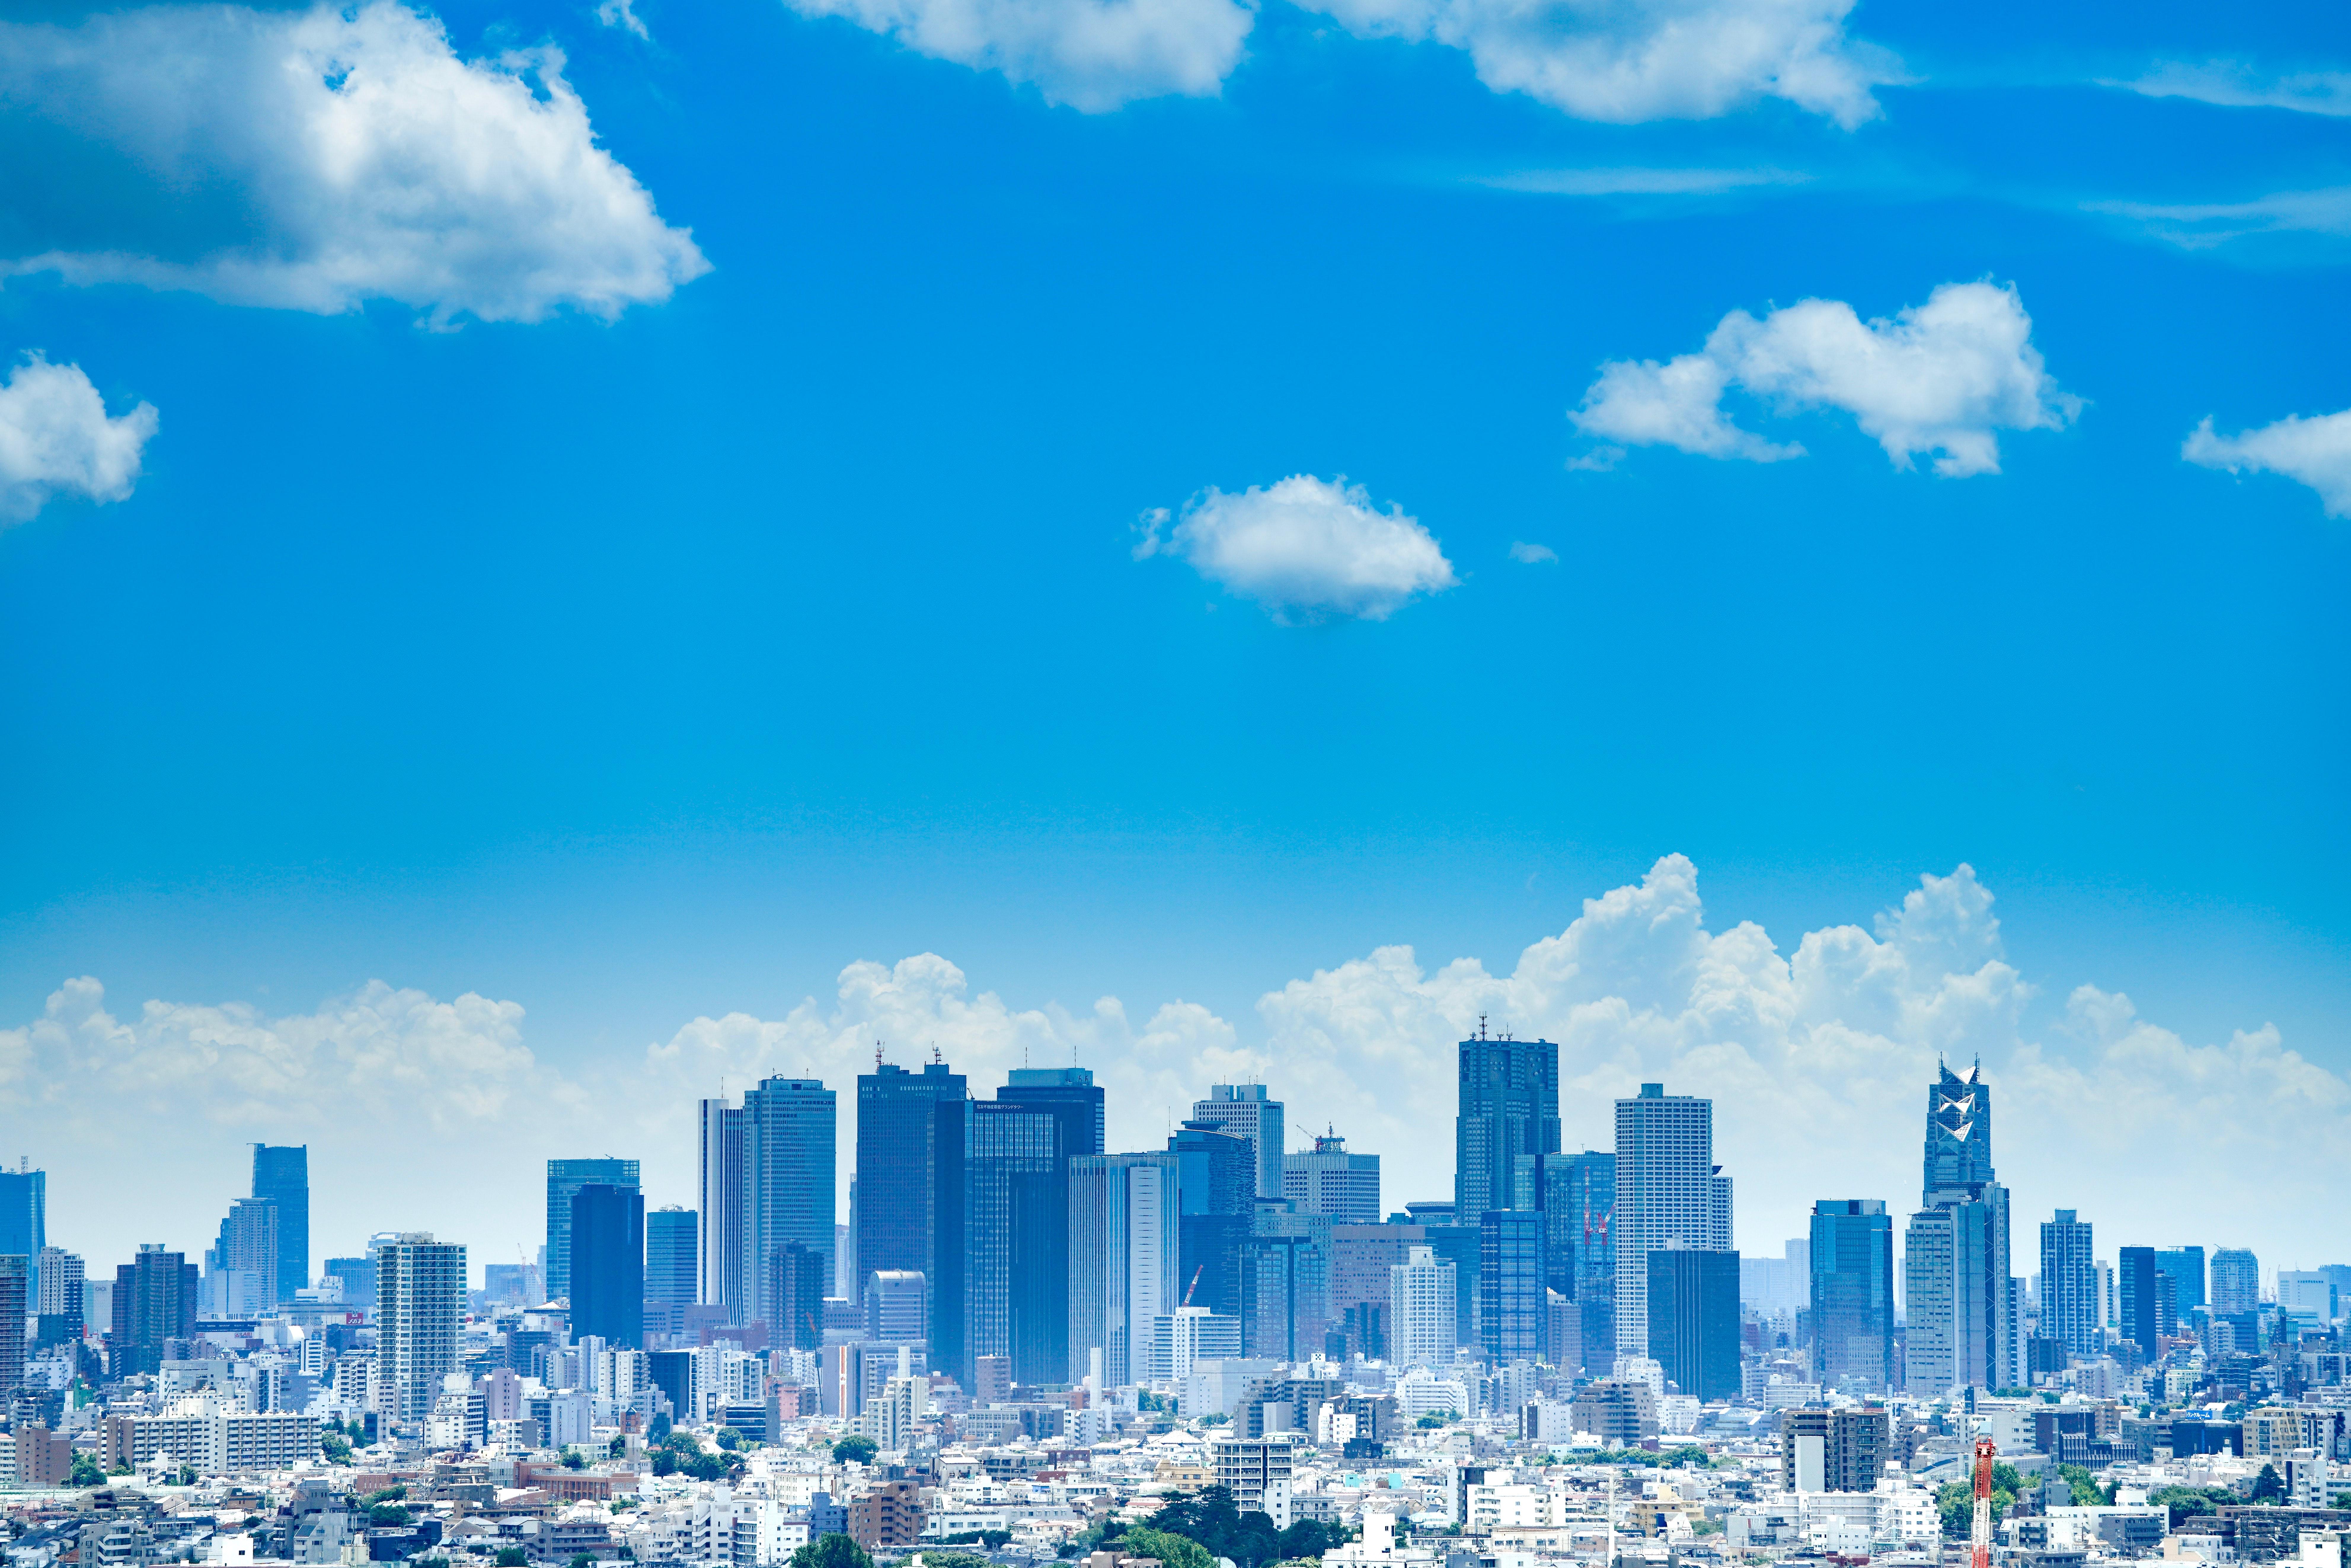 Tokyo by Ryo Yoshitake | Unsplash